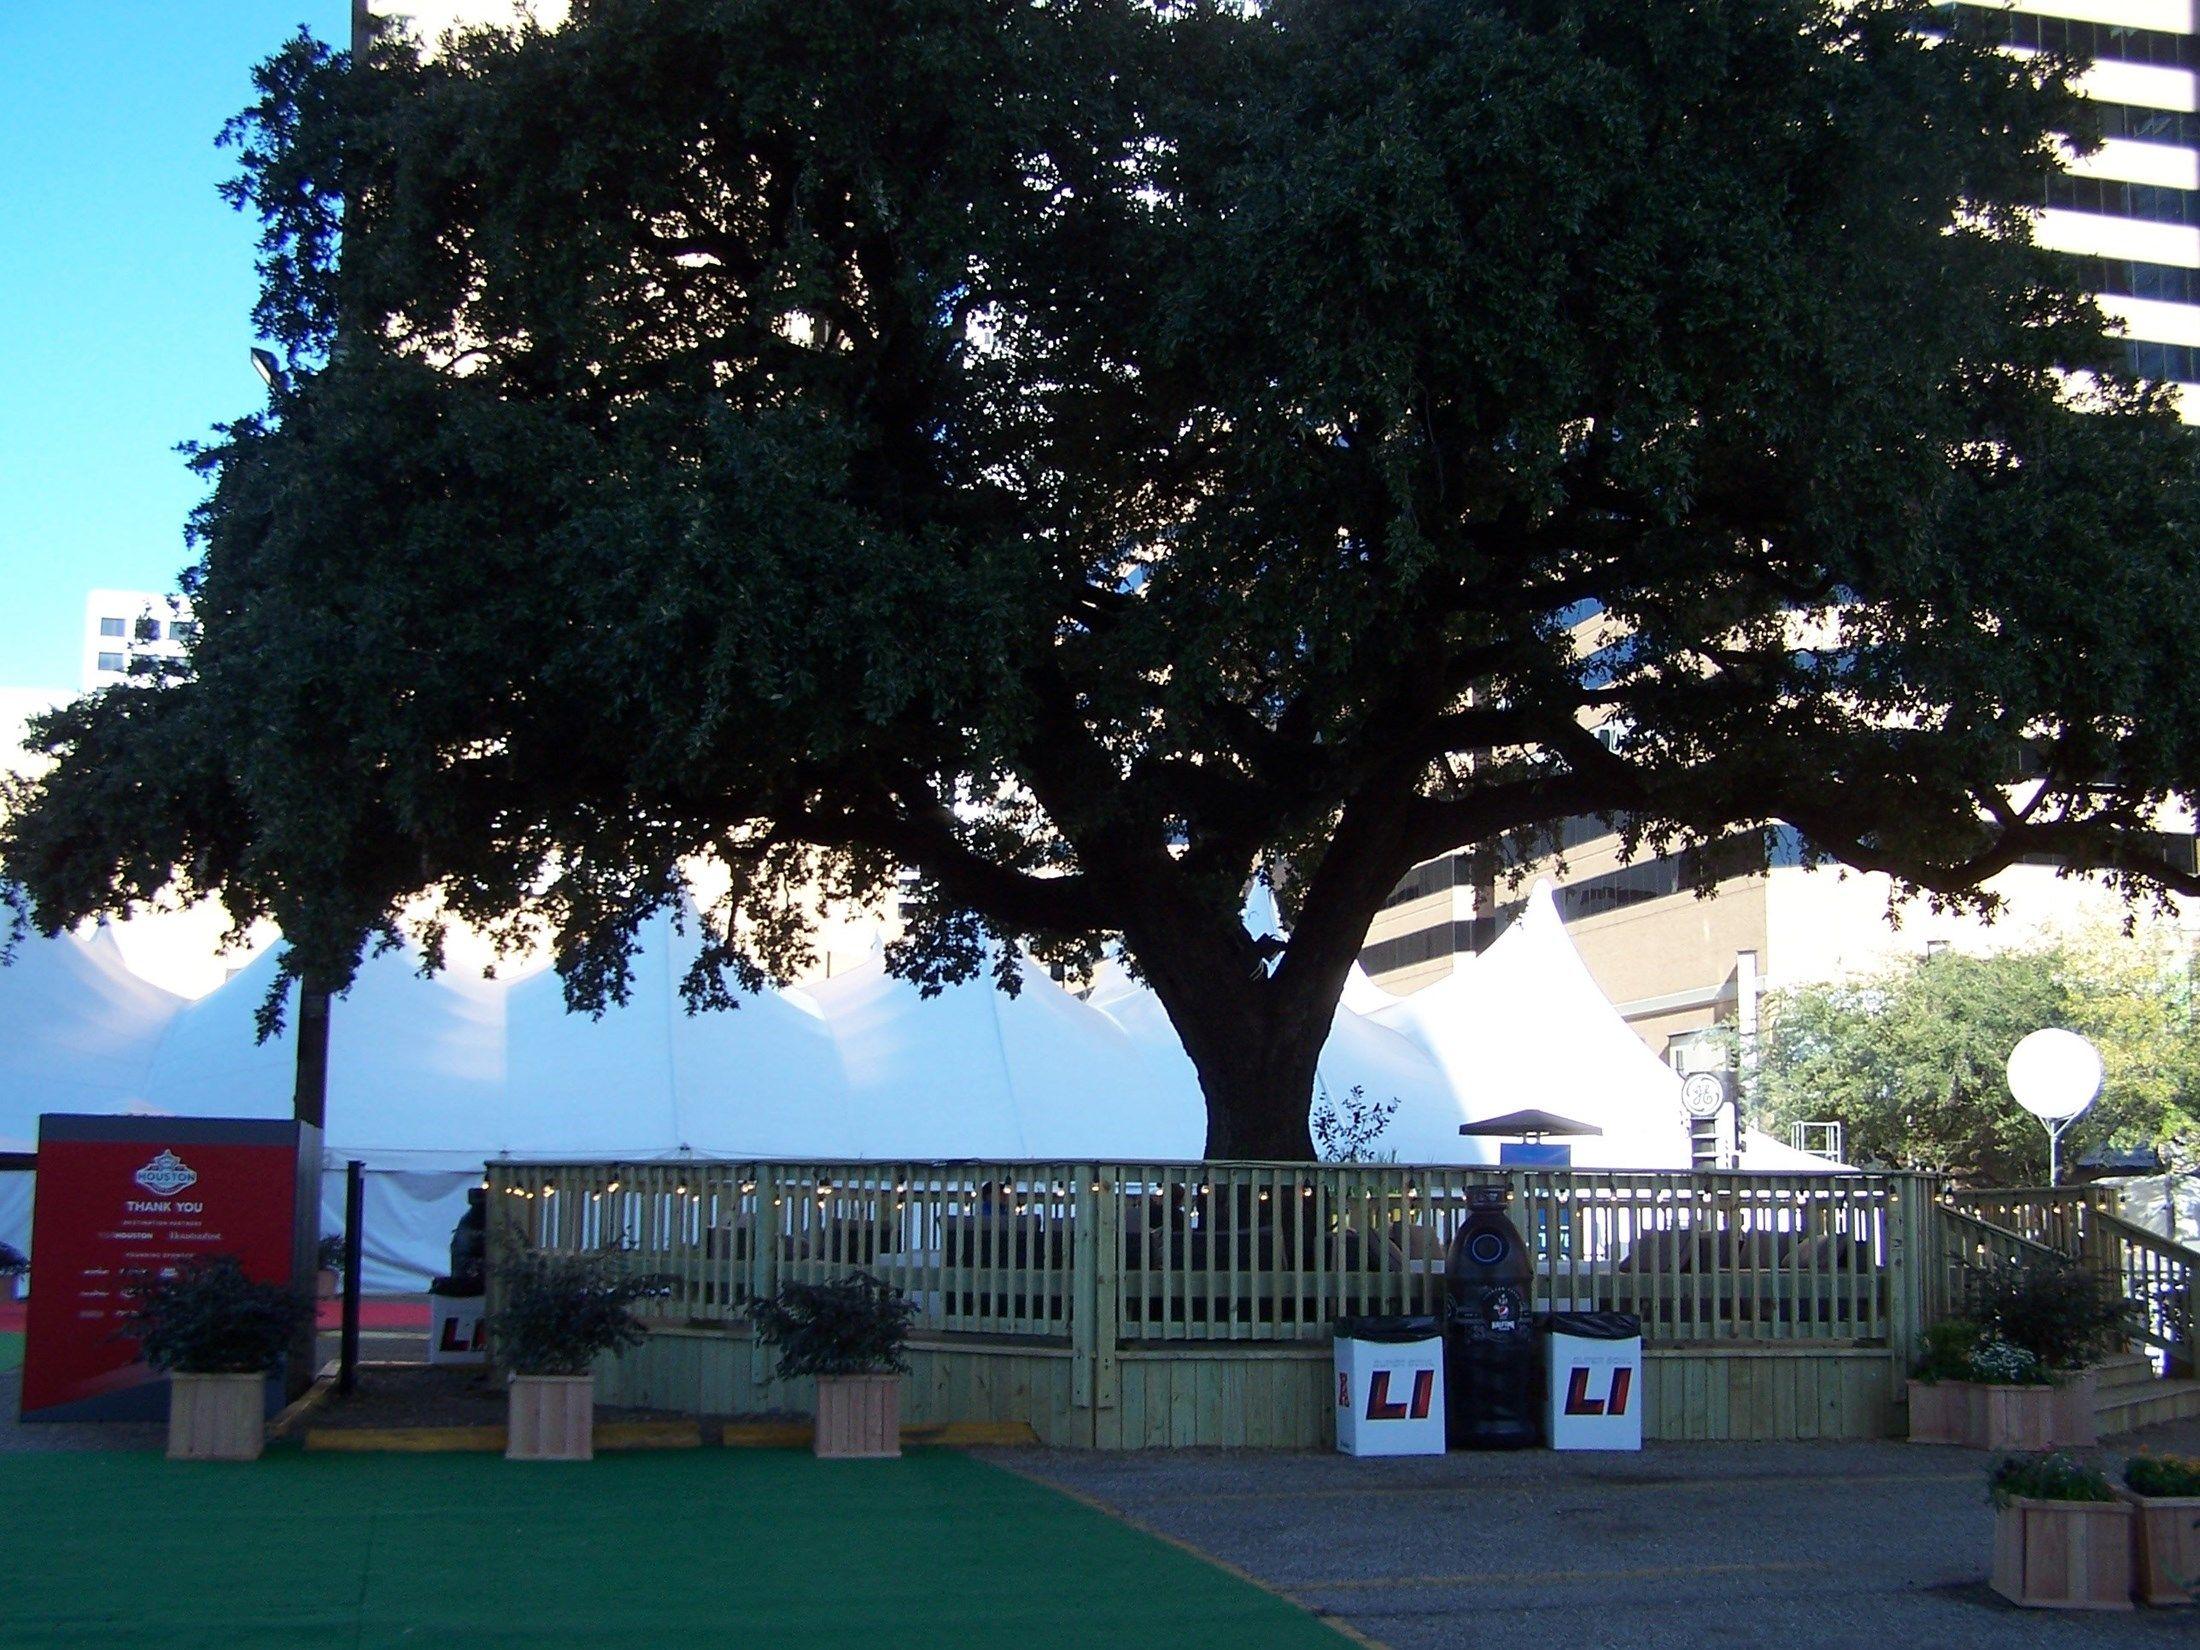 Houston LIve Super Bowl Deck - Picture 6895